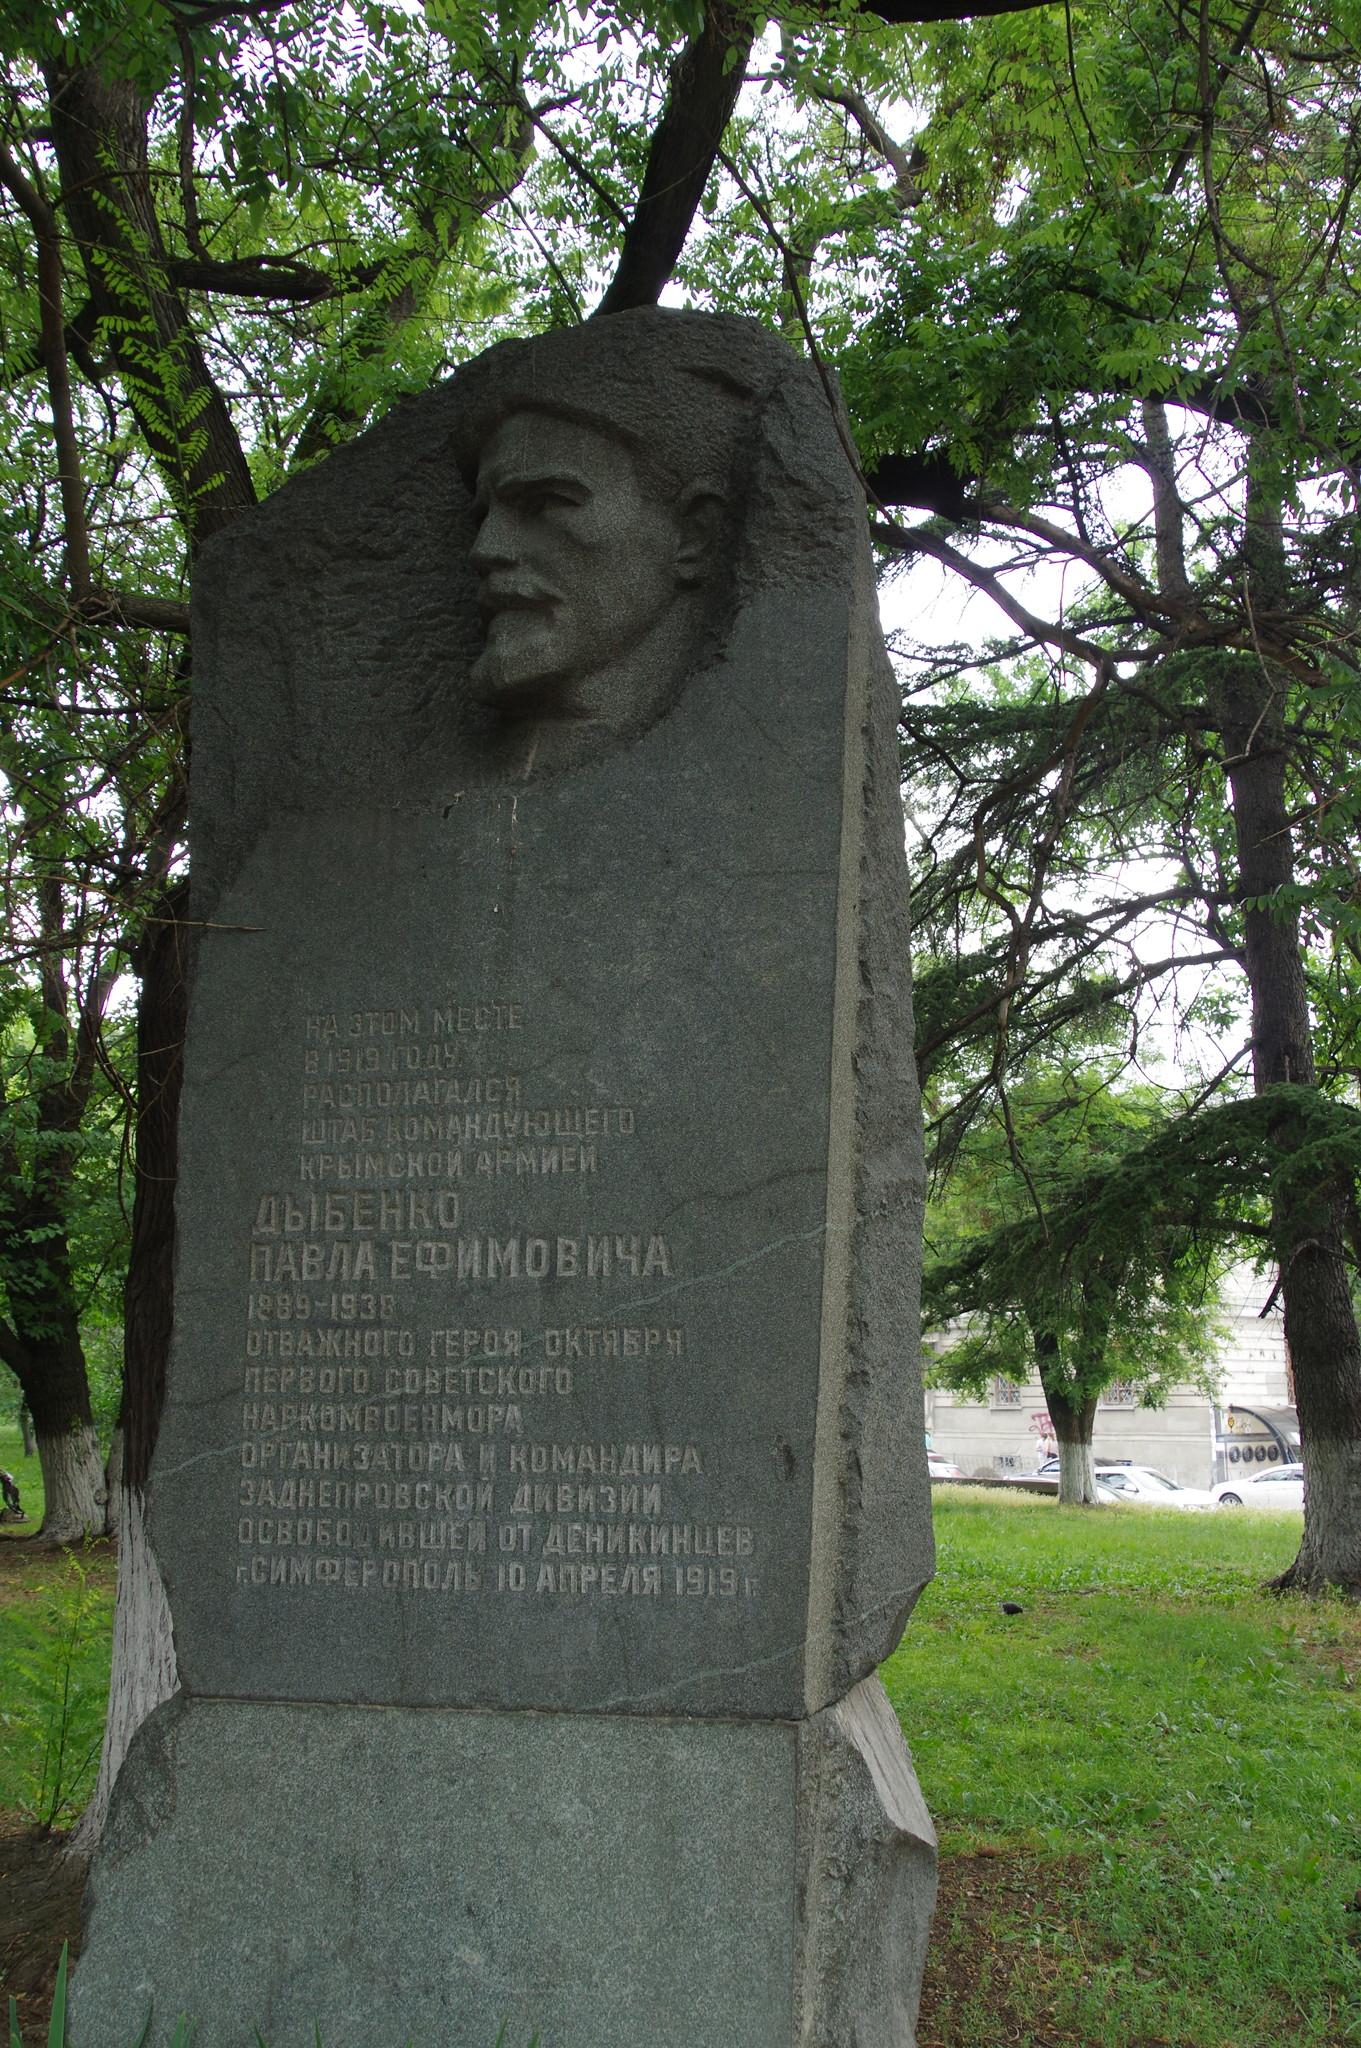 Мемориальная стела с горельефом Павла Ефимовича Дыбенко в Симферополе. На этом месте в 1919 году располагался штаб командующего Крымской армией